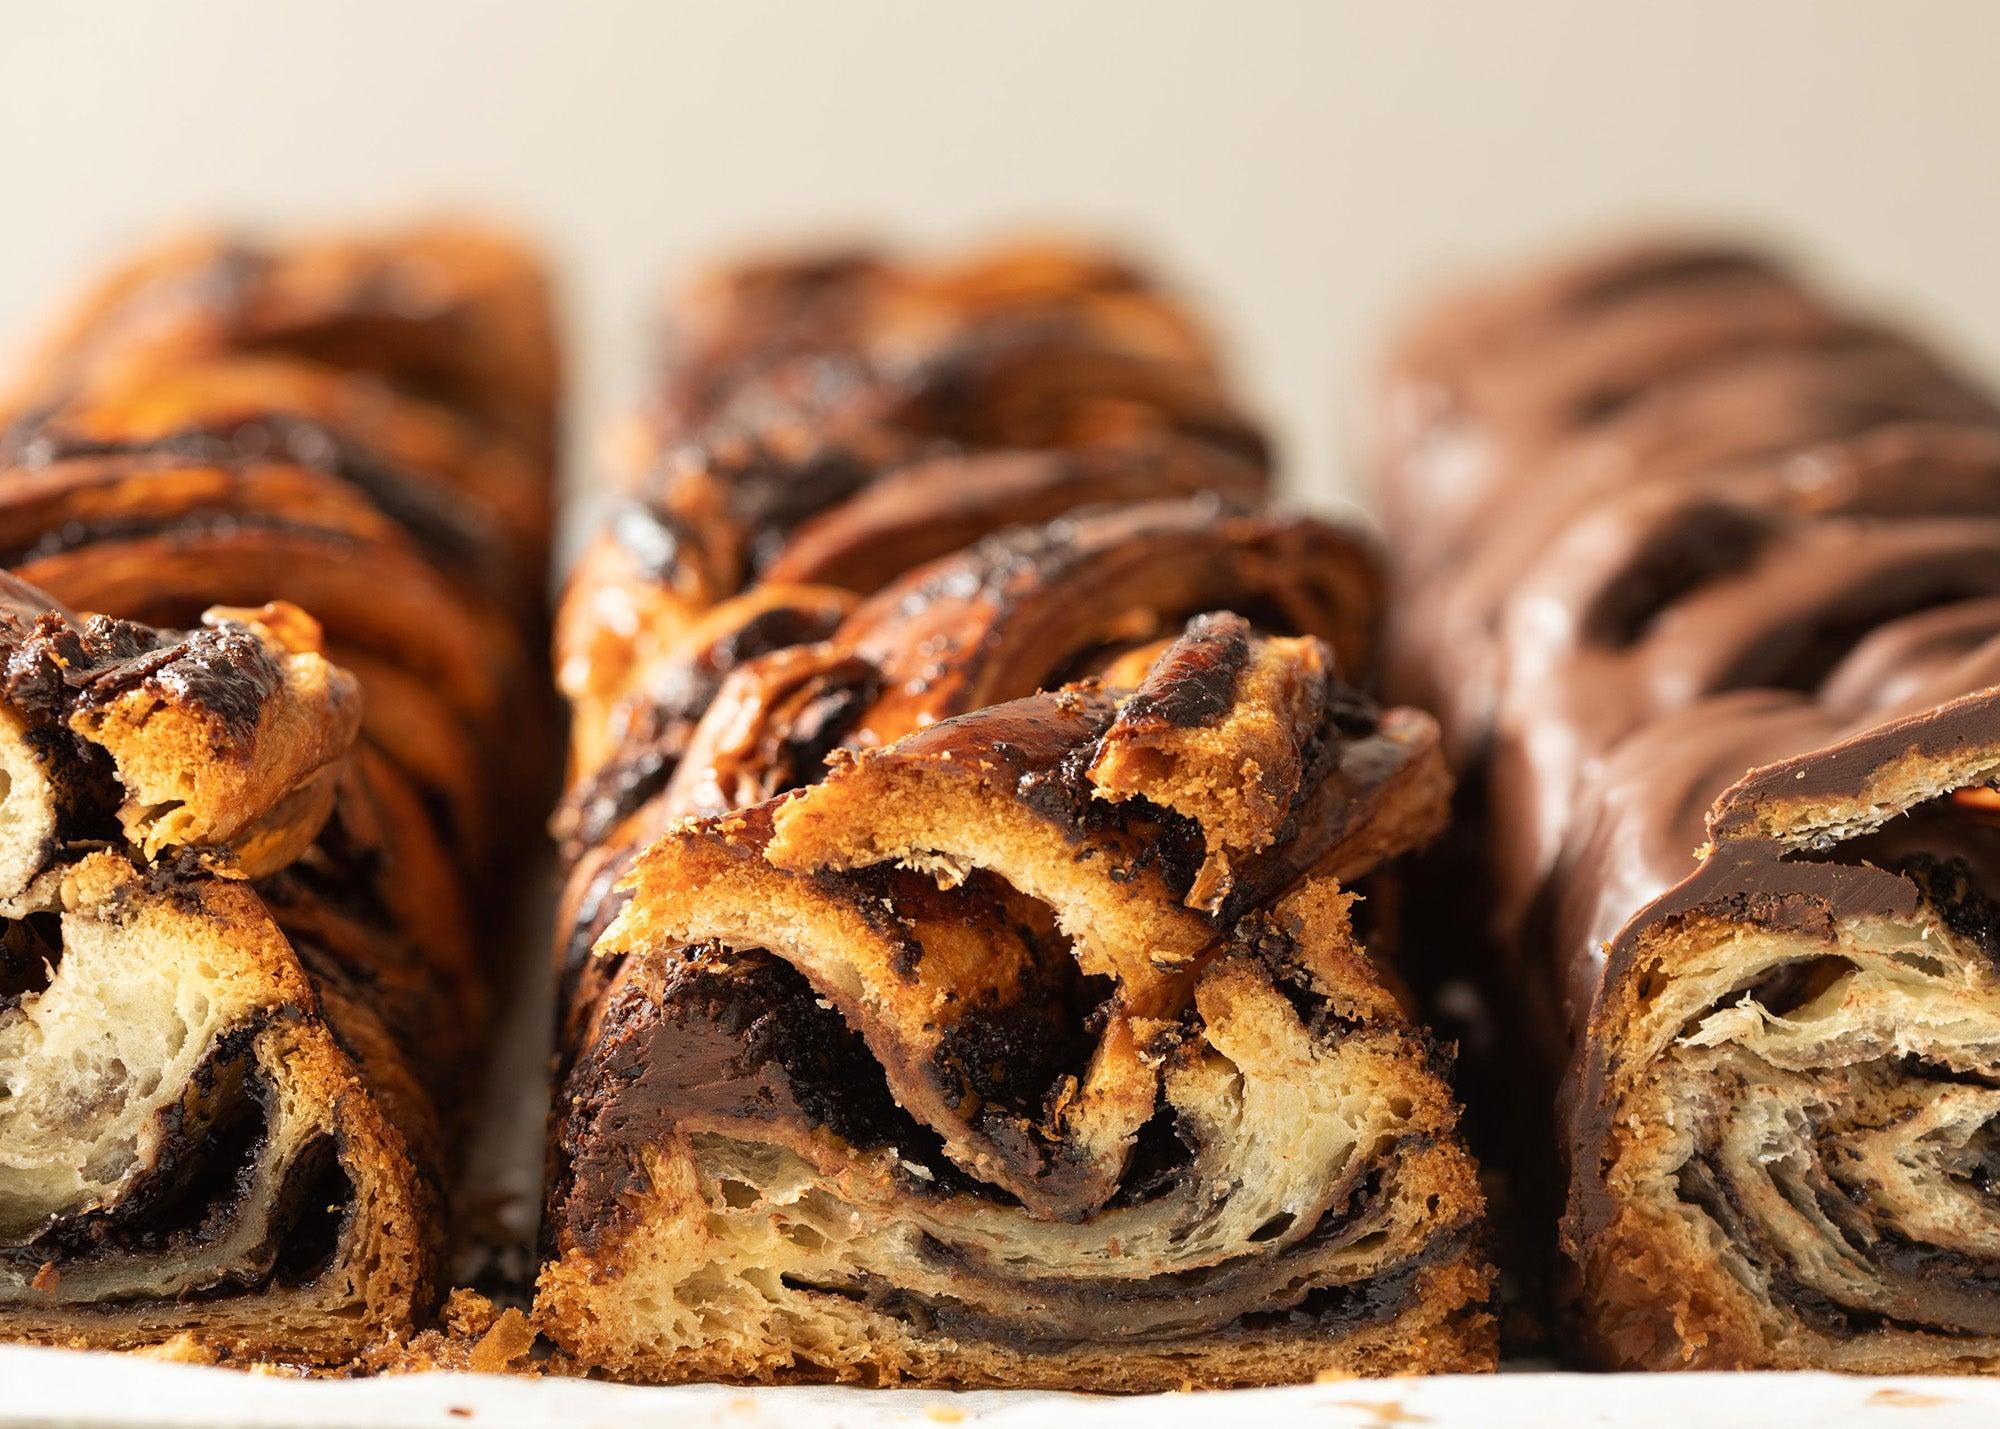 Chocolate babka at Bakey